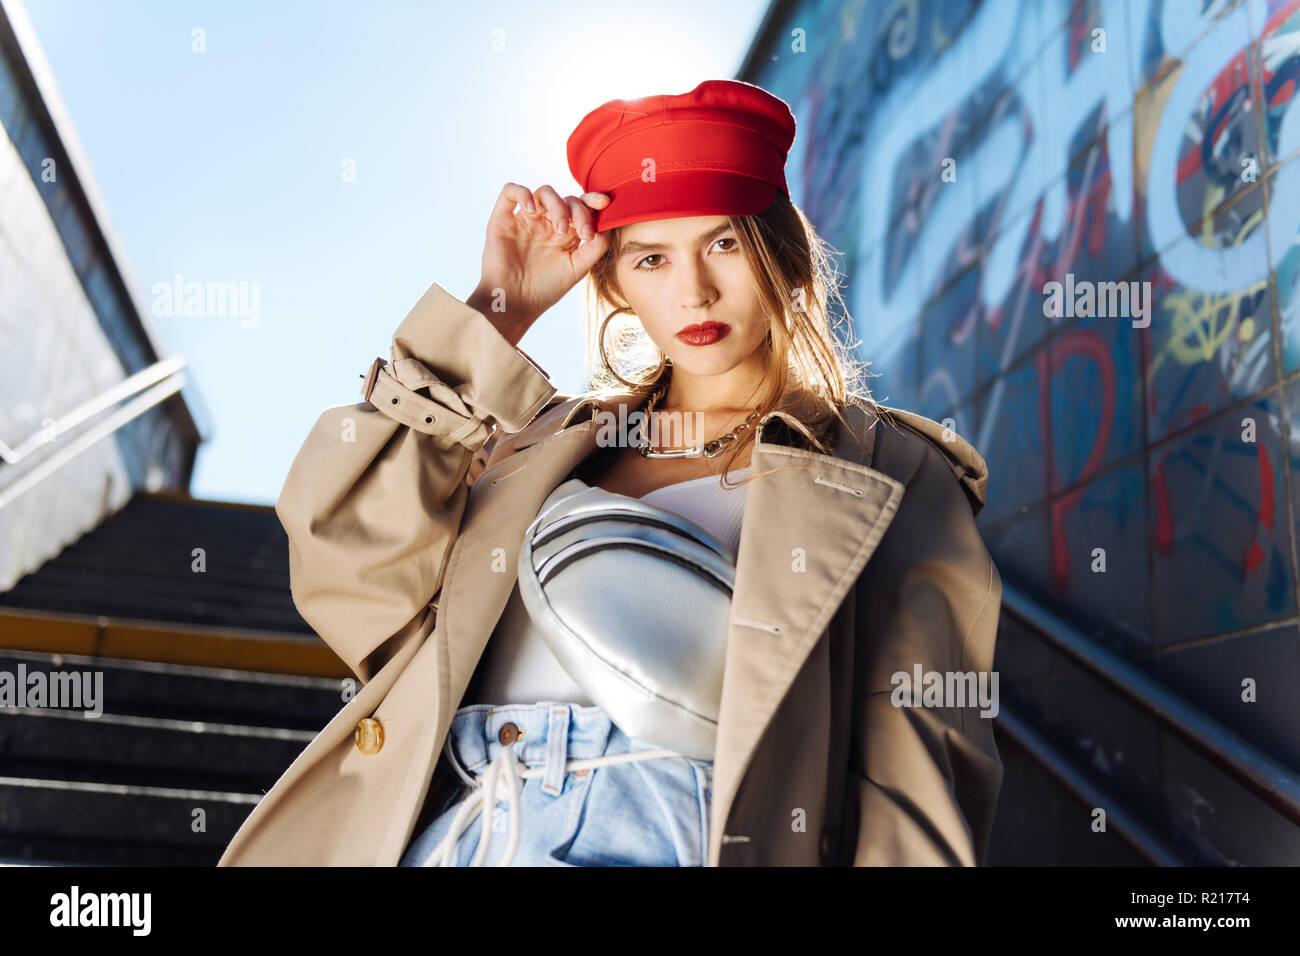 Belle jeune modèle photo portant béret rouge et accessoires Photo Stock 833e0809d7f